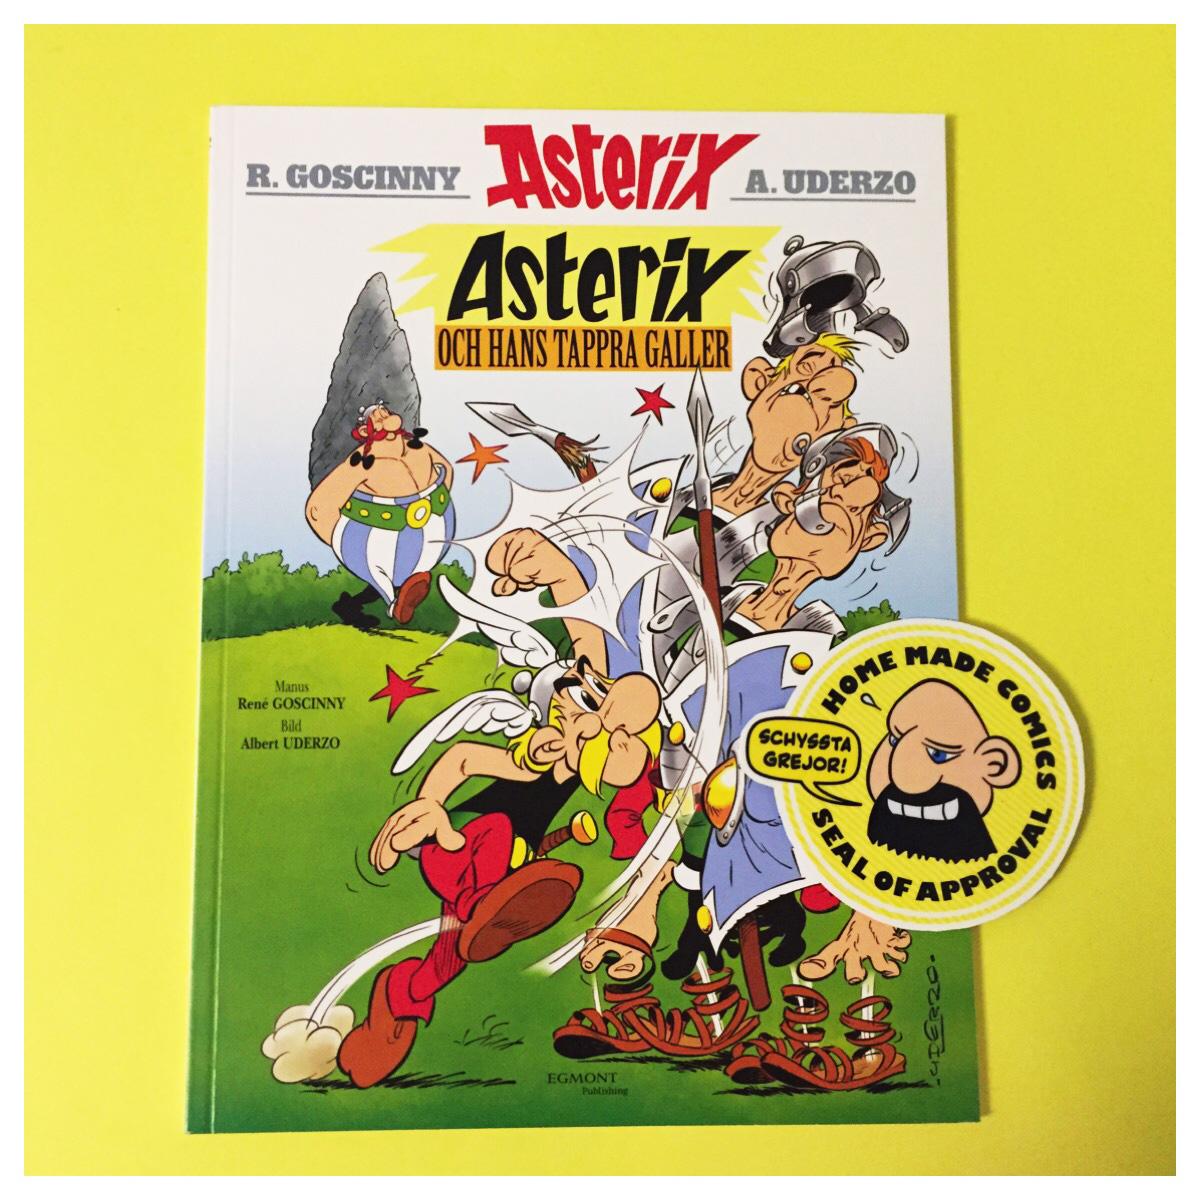 Home Made Comics Seal of Approval #172. Asterix och hans tappra galler av René Goscinny och Albert Uderzo från 1961 utgiven av Egmont 2015.